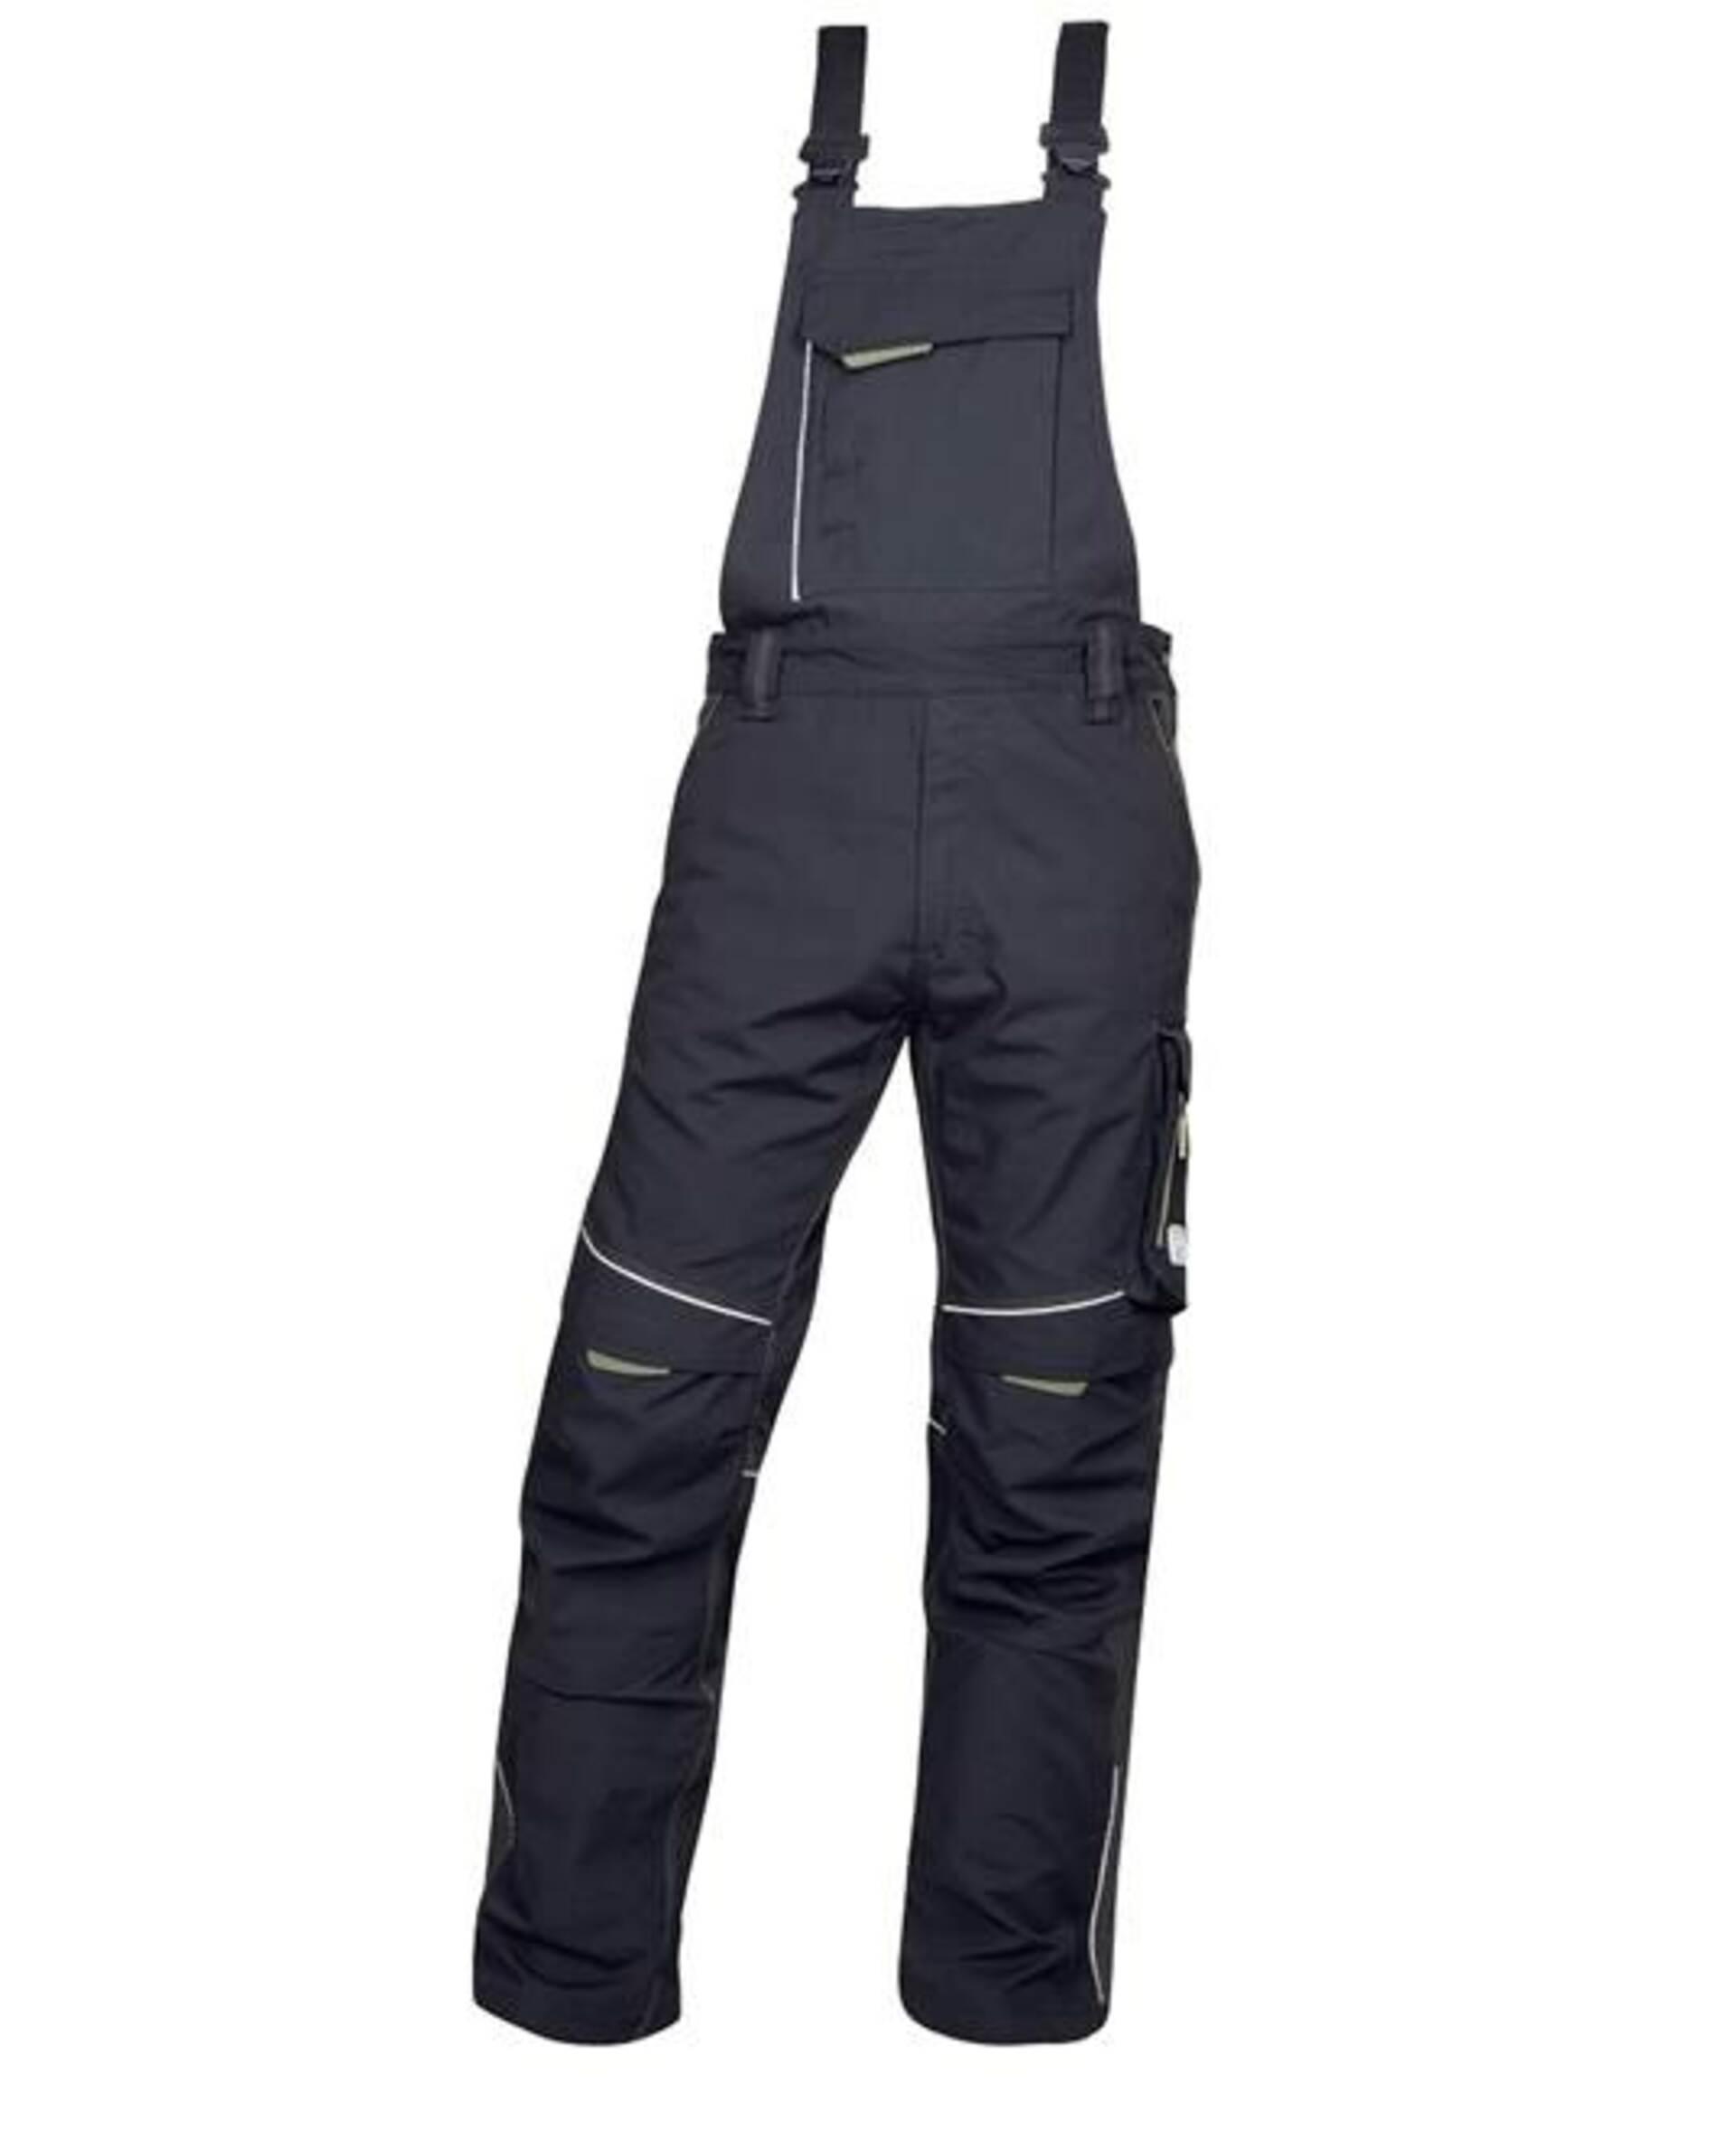 Ardon URBAN Kalhoty s laclem černá/šedá 182 50